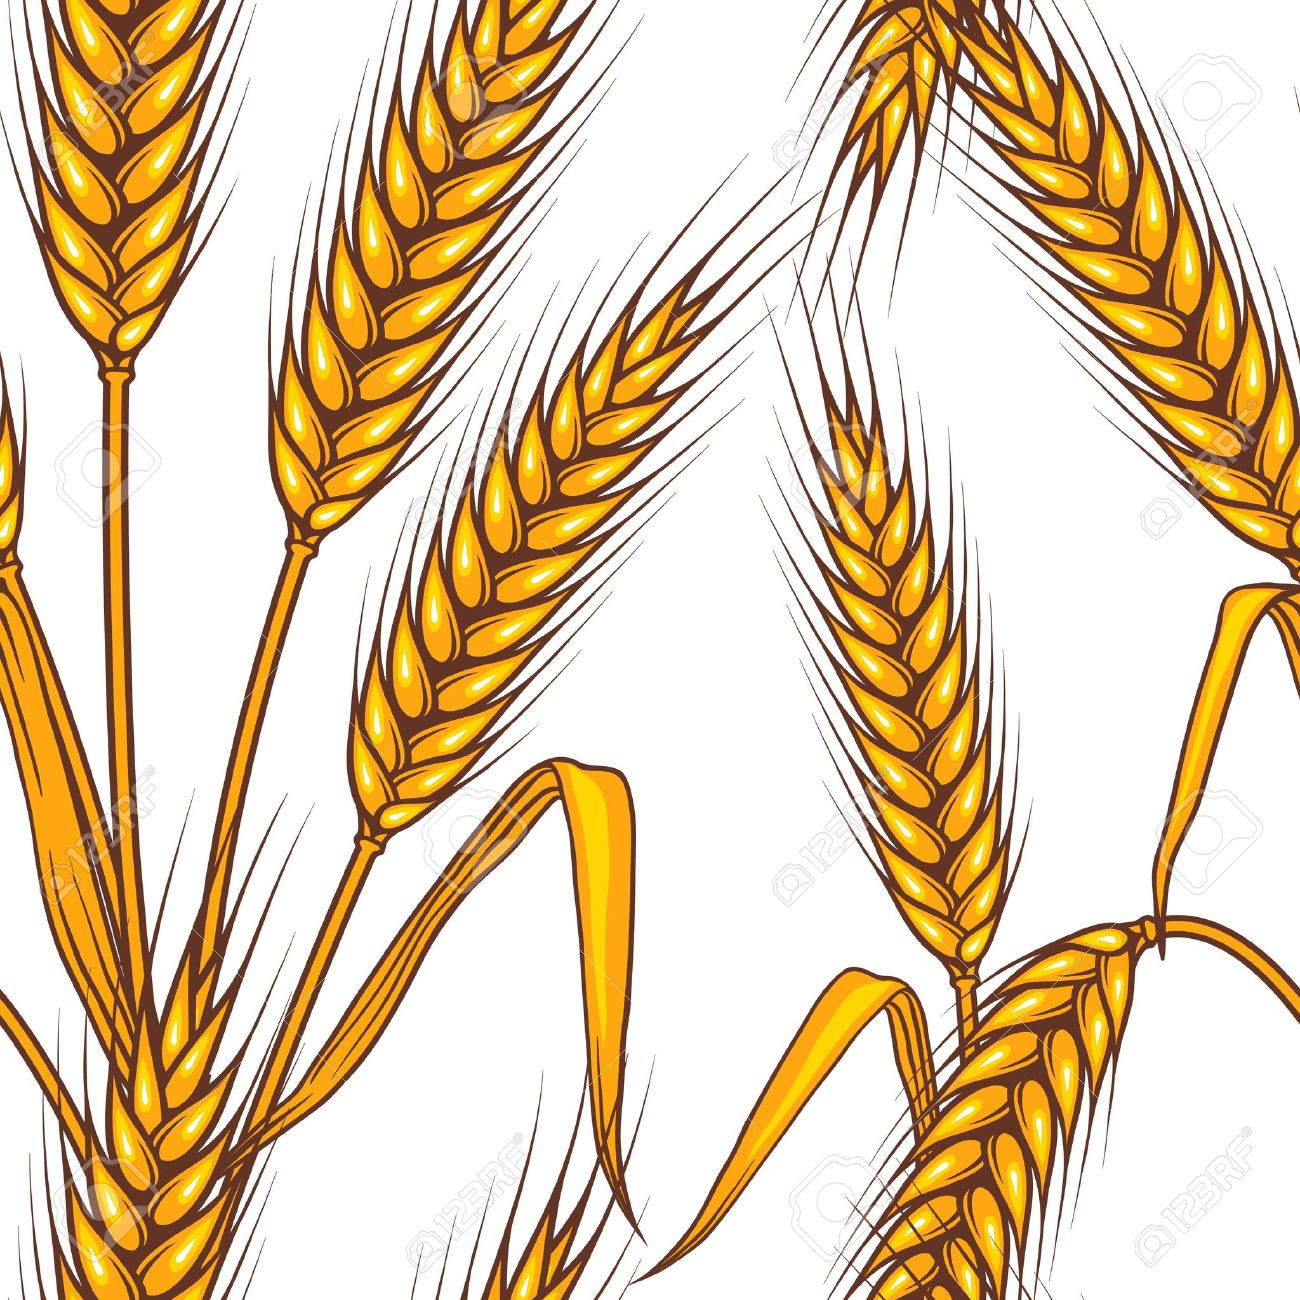 1300x1300 Grain Clipart